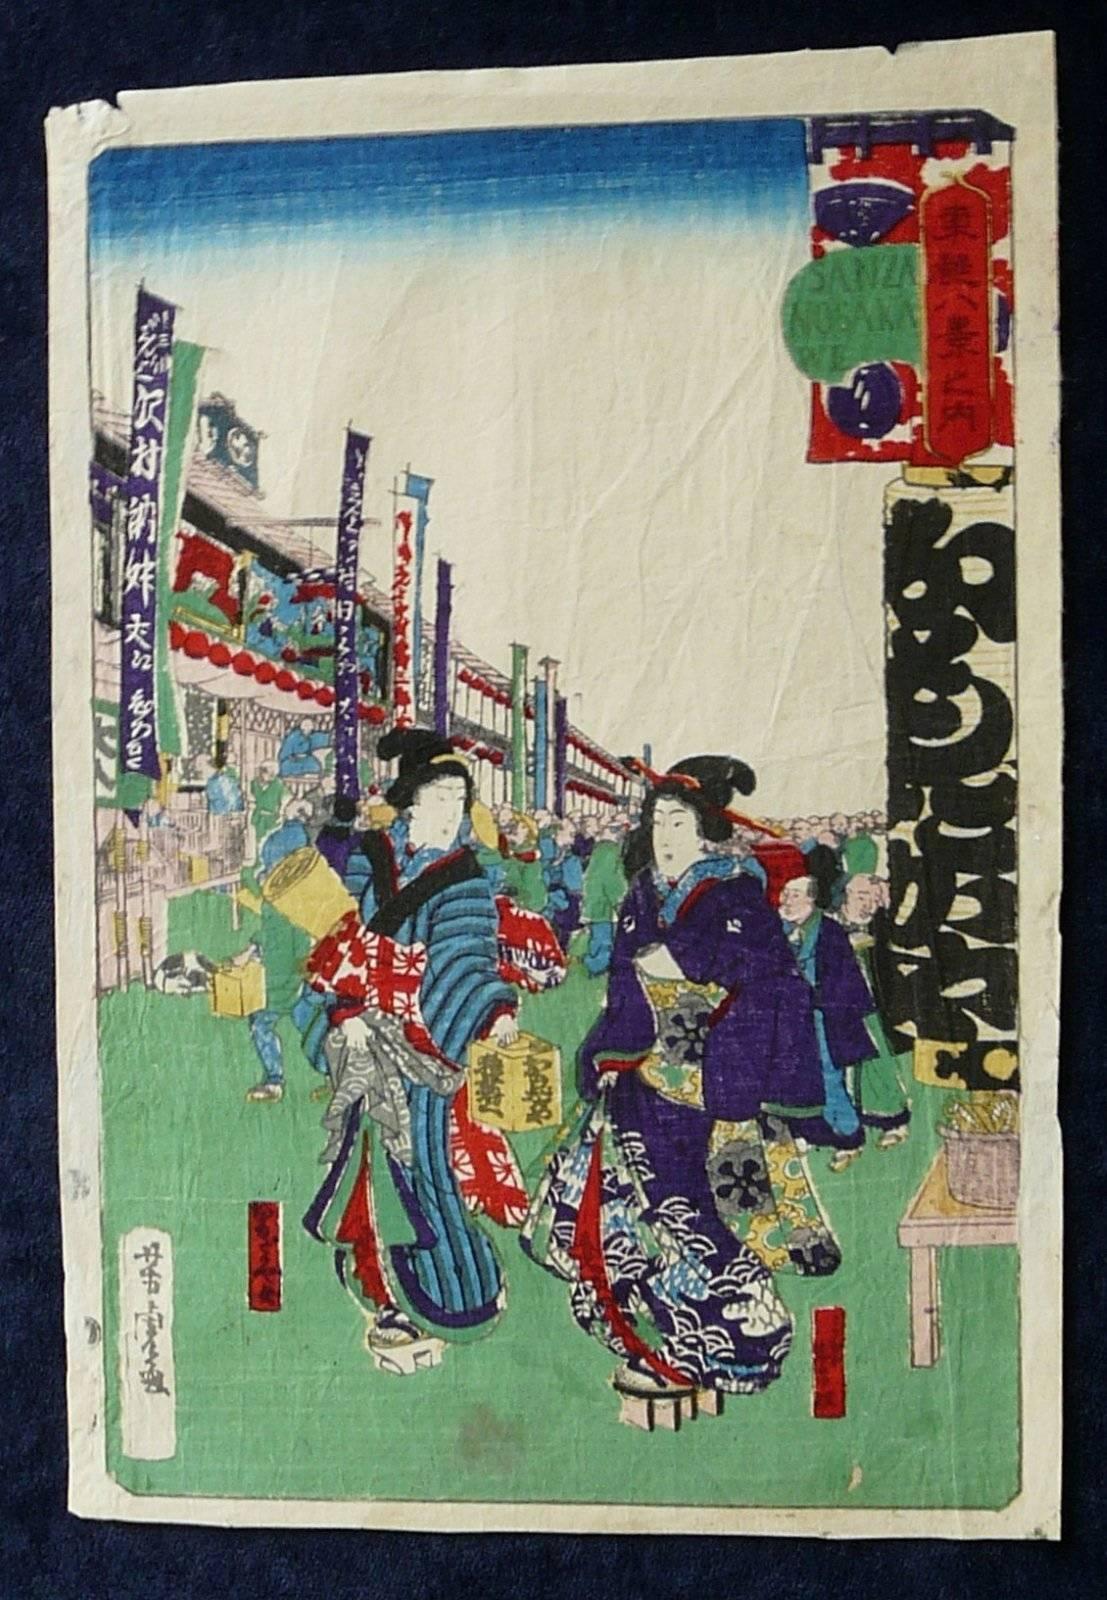 UTAGAWA YOSHITORA: #P3616 VERY RARE SANZA NO SAKE - KABUKI FESTIVAL DATED 1860